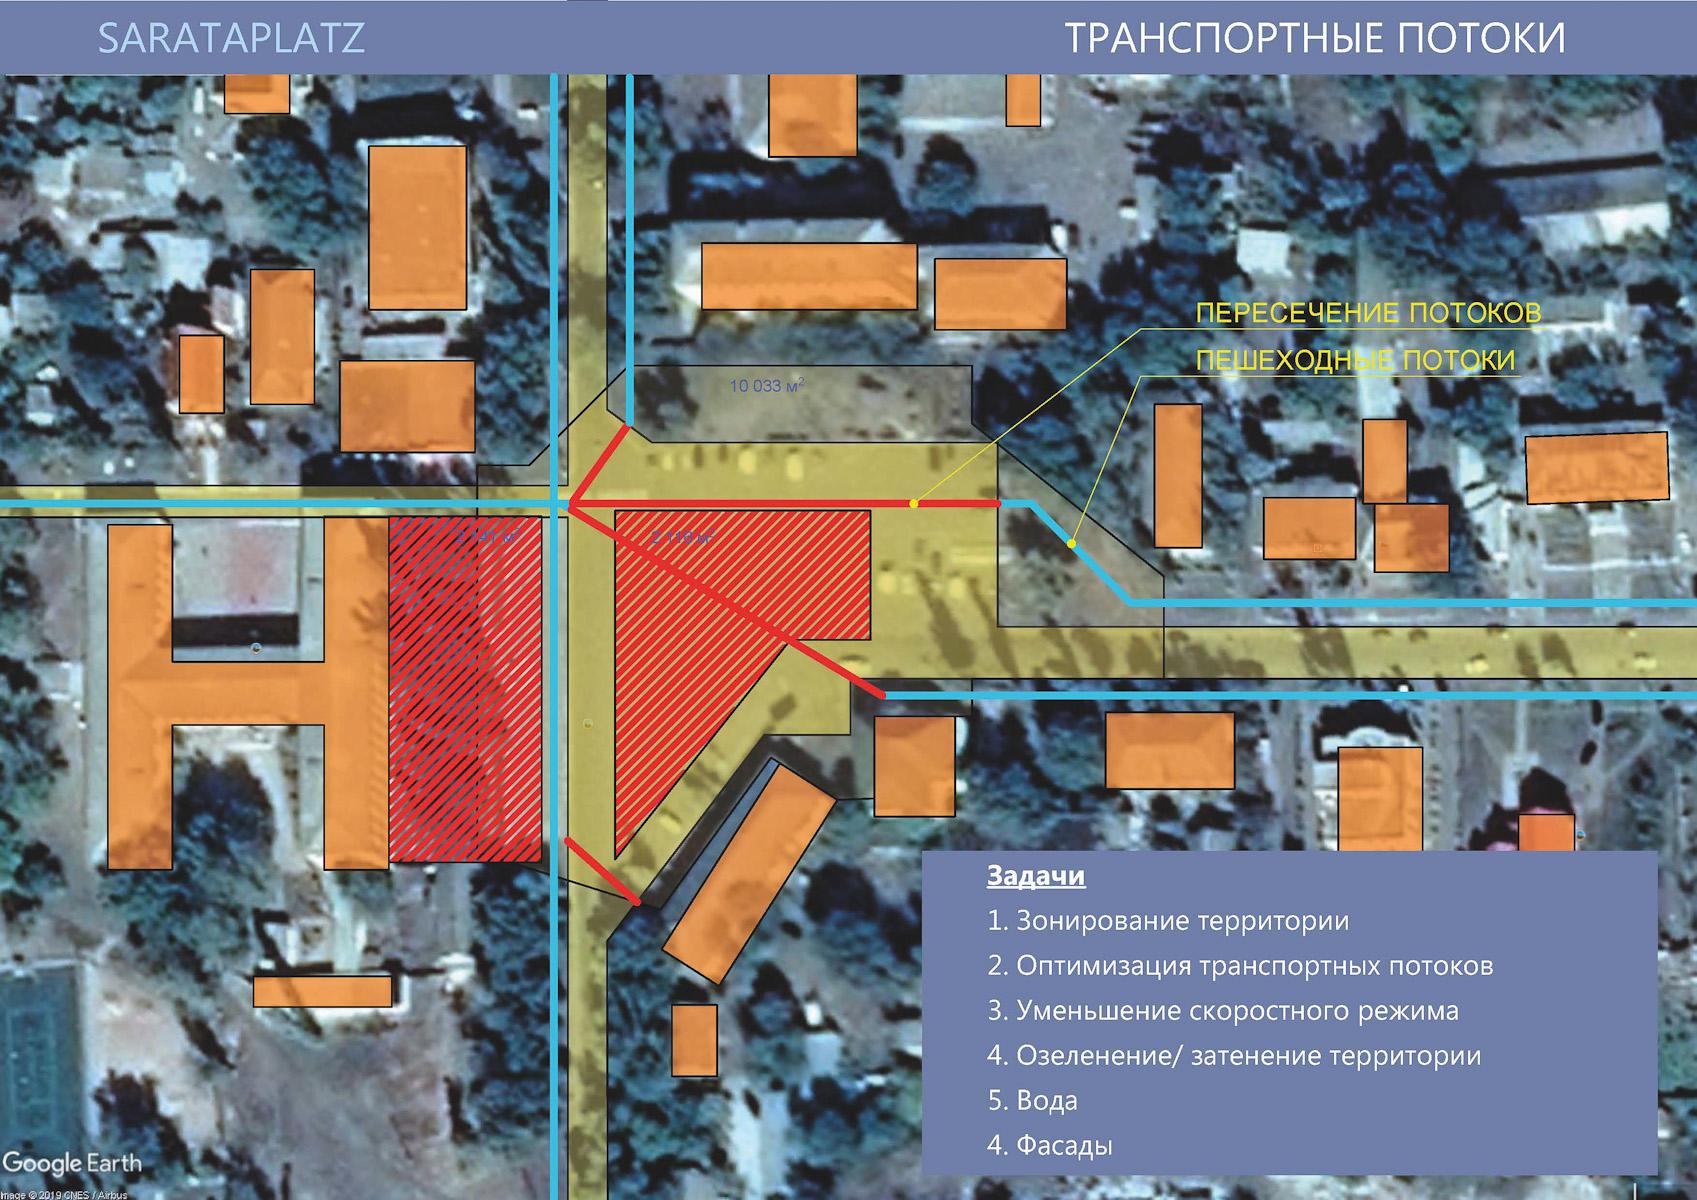 URDI Обсуждение вариантов реновации площади Сараты_Страница_07